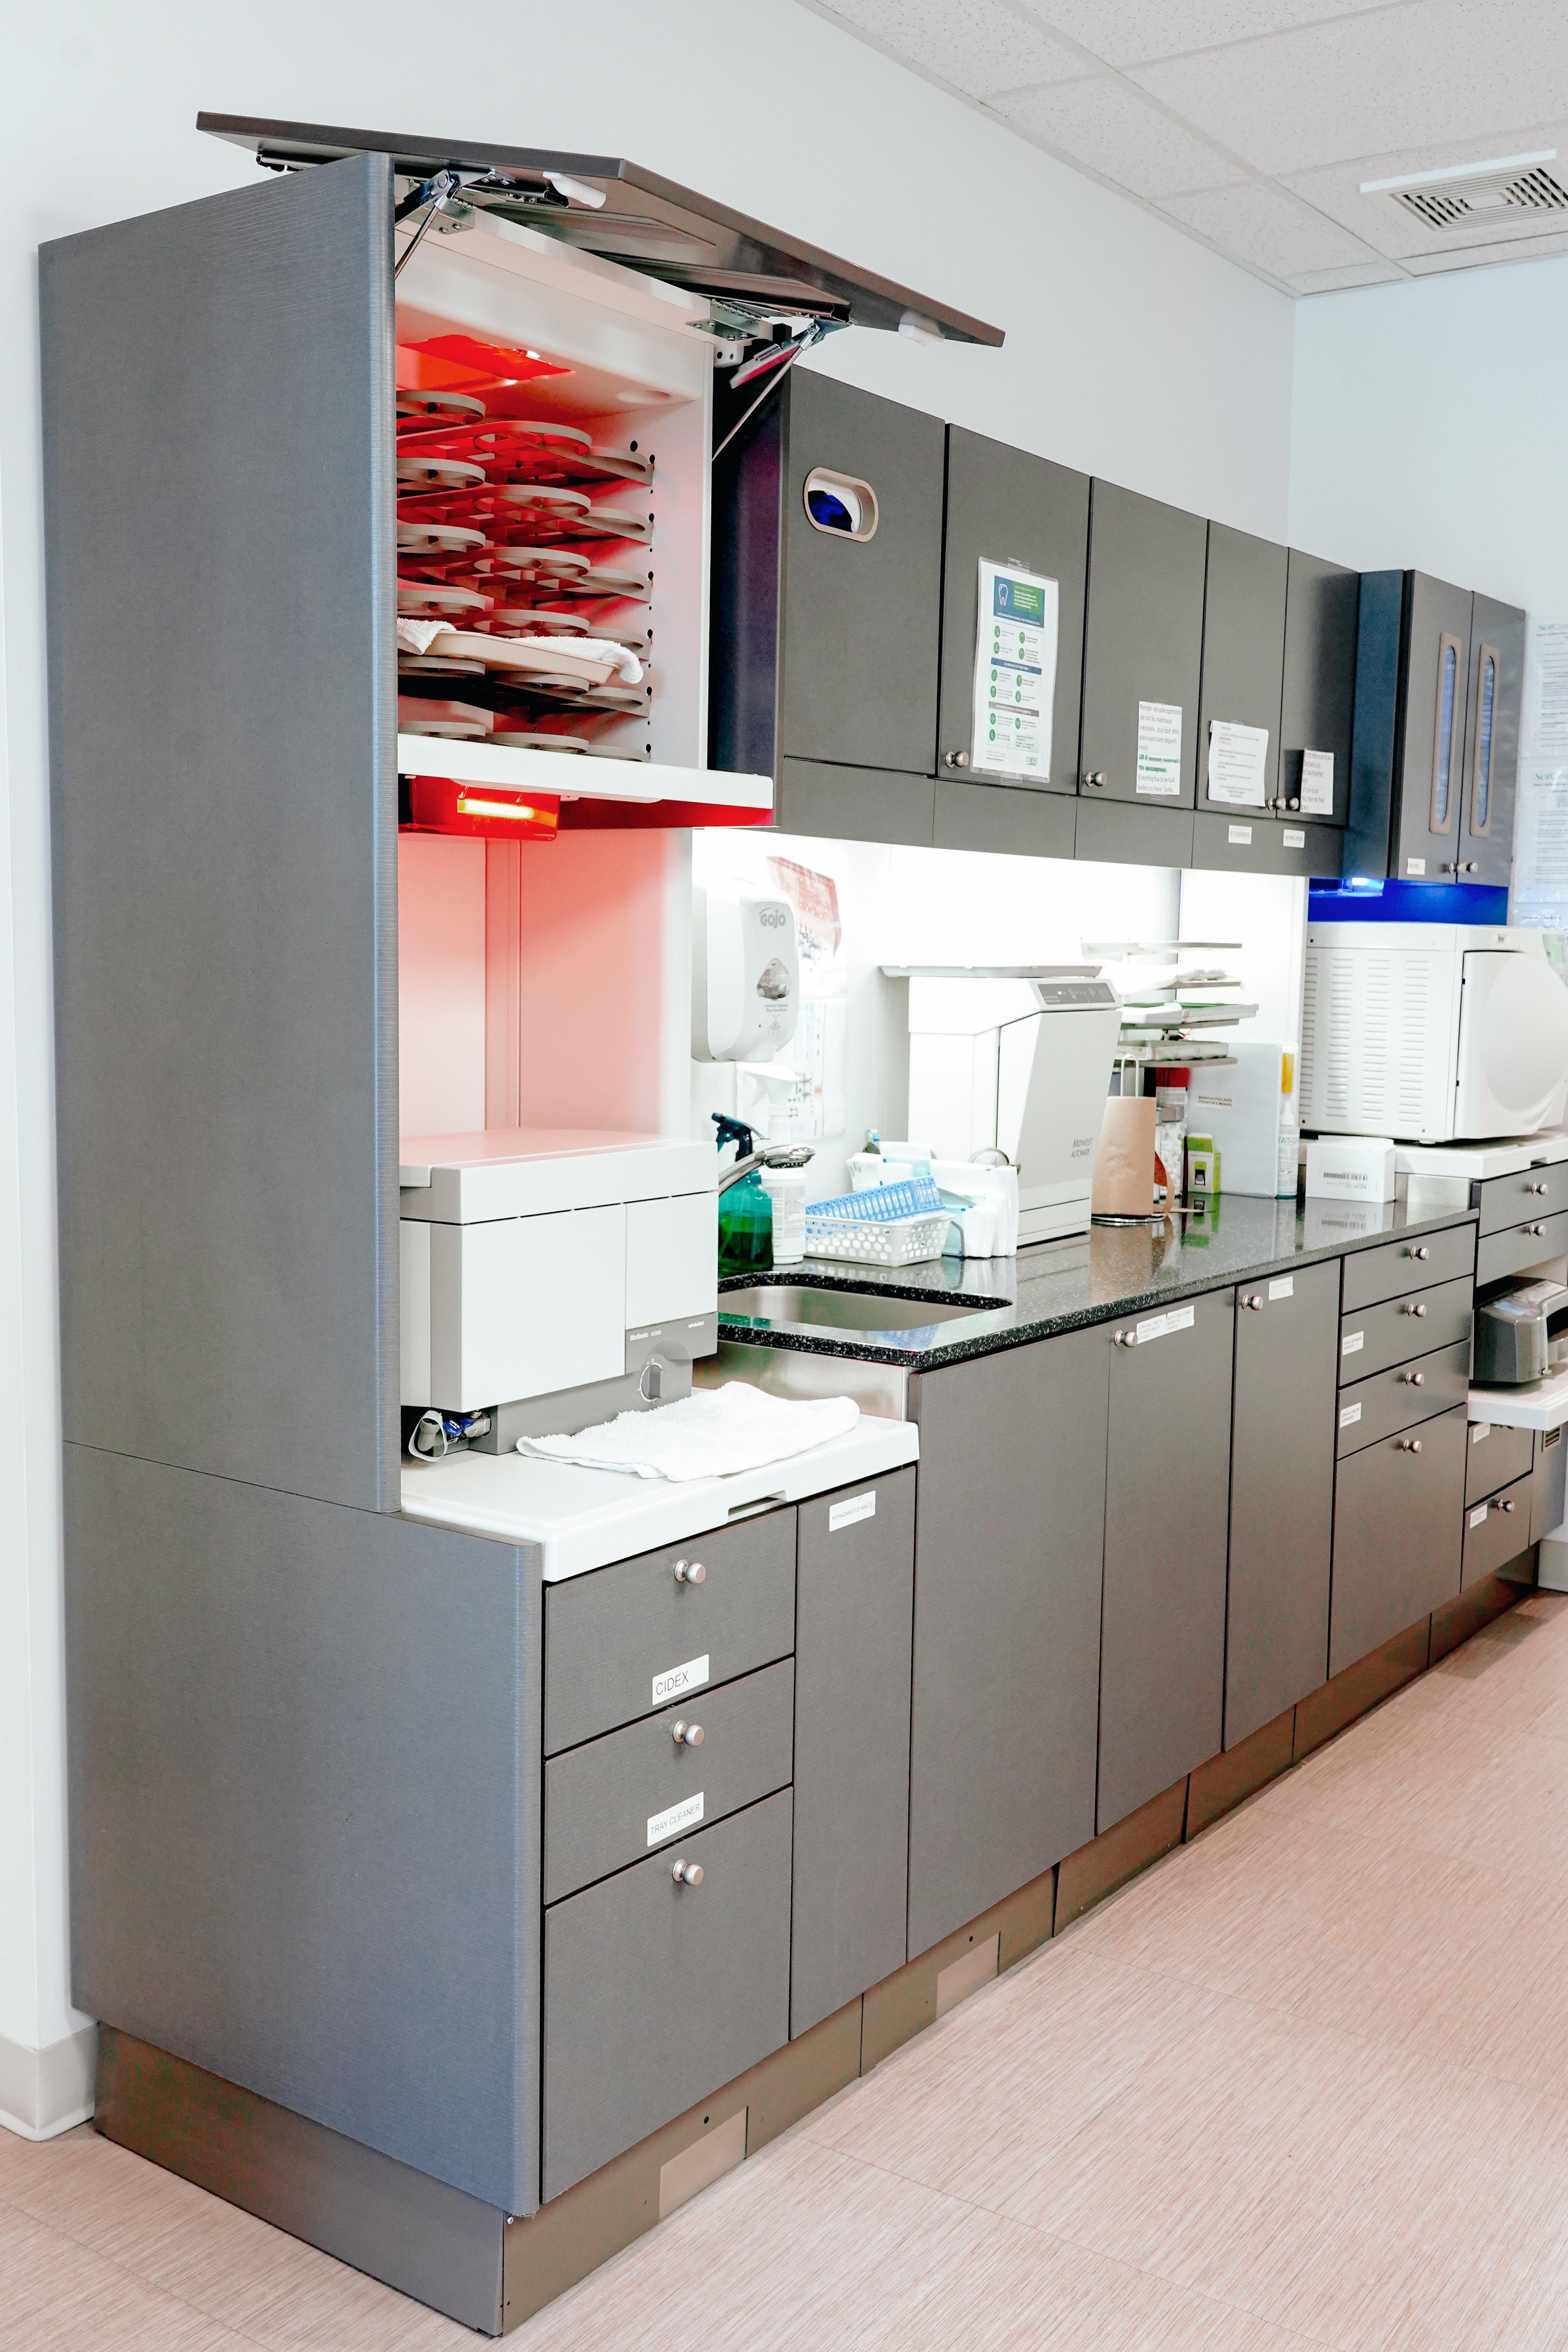 Dental Montreal Vaudreuil, Sterilisation